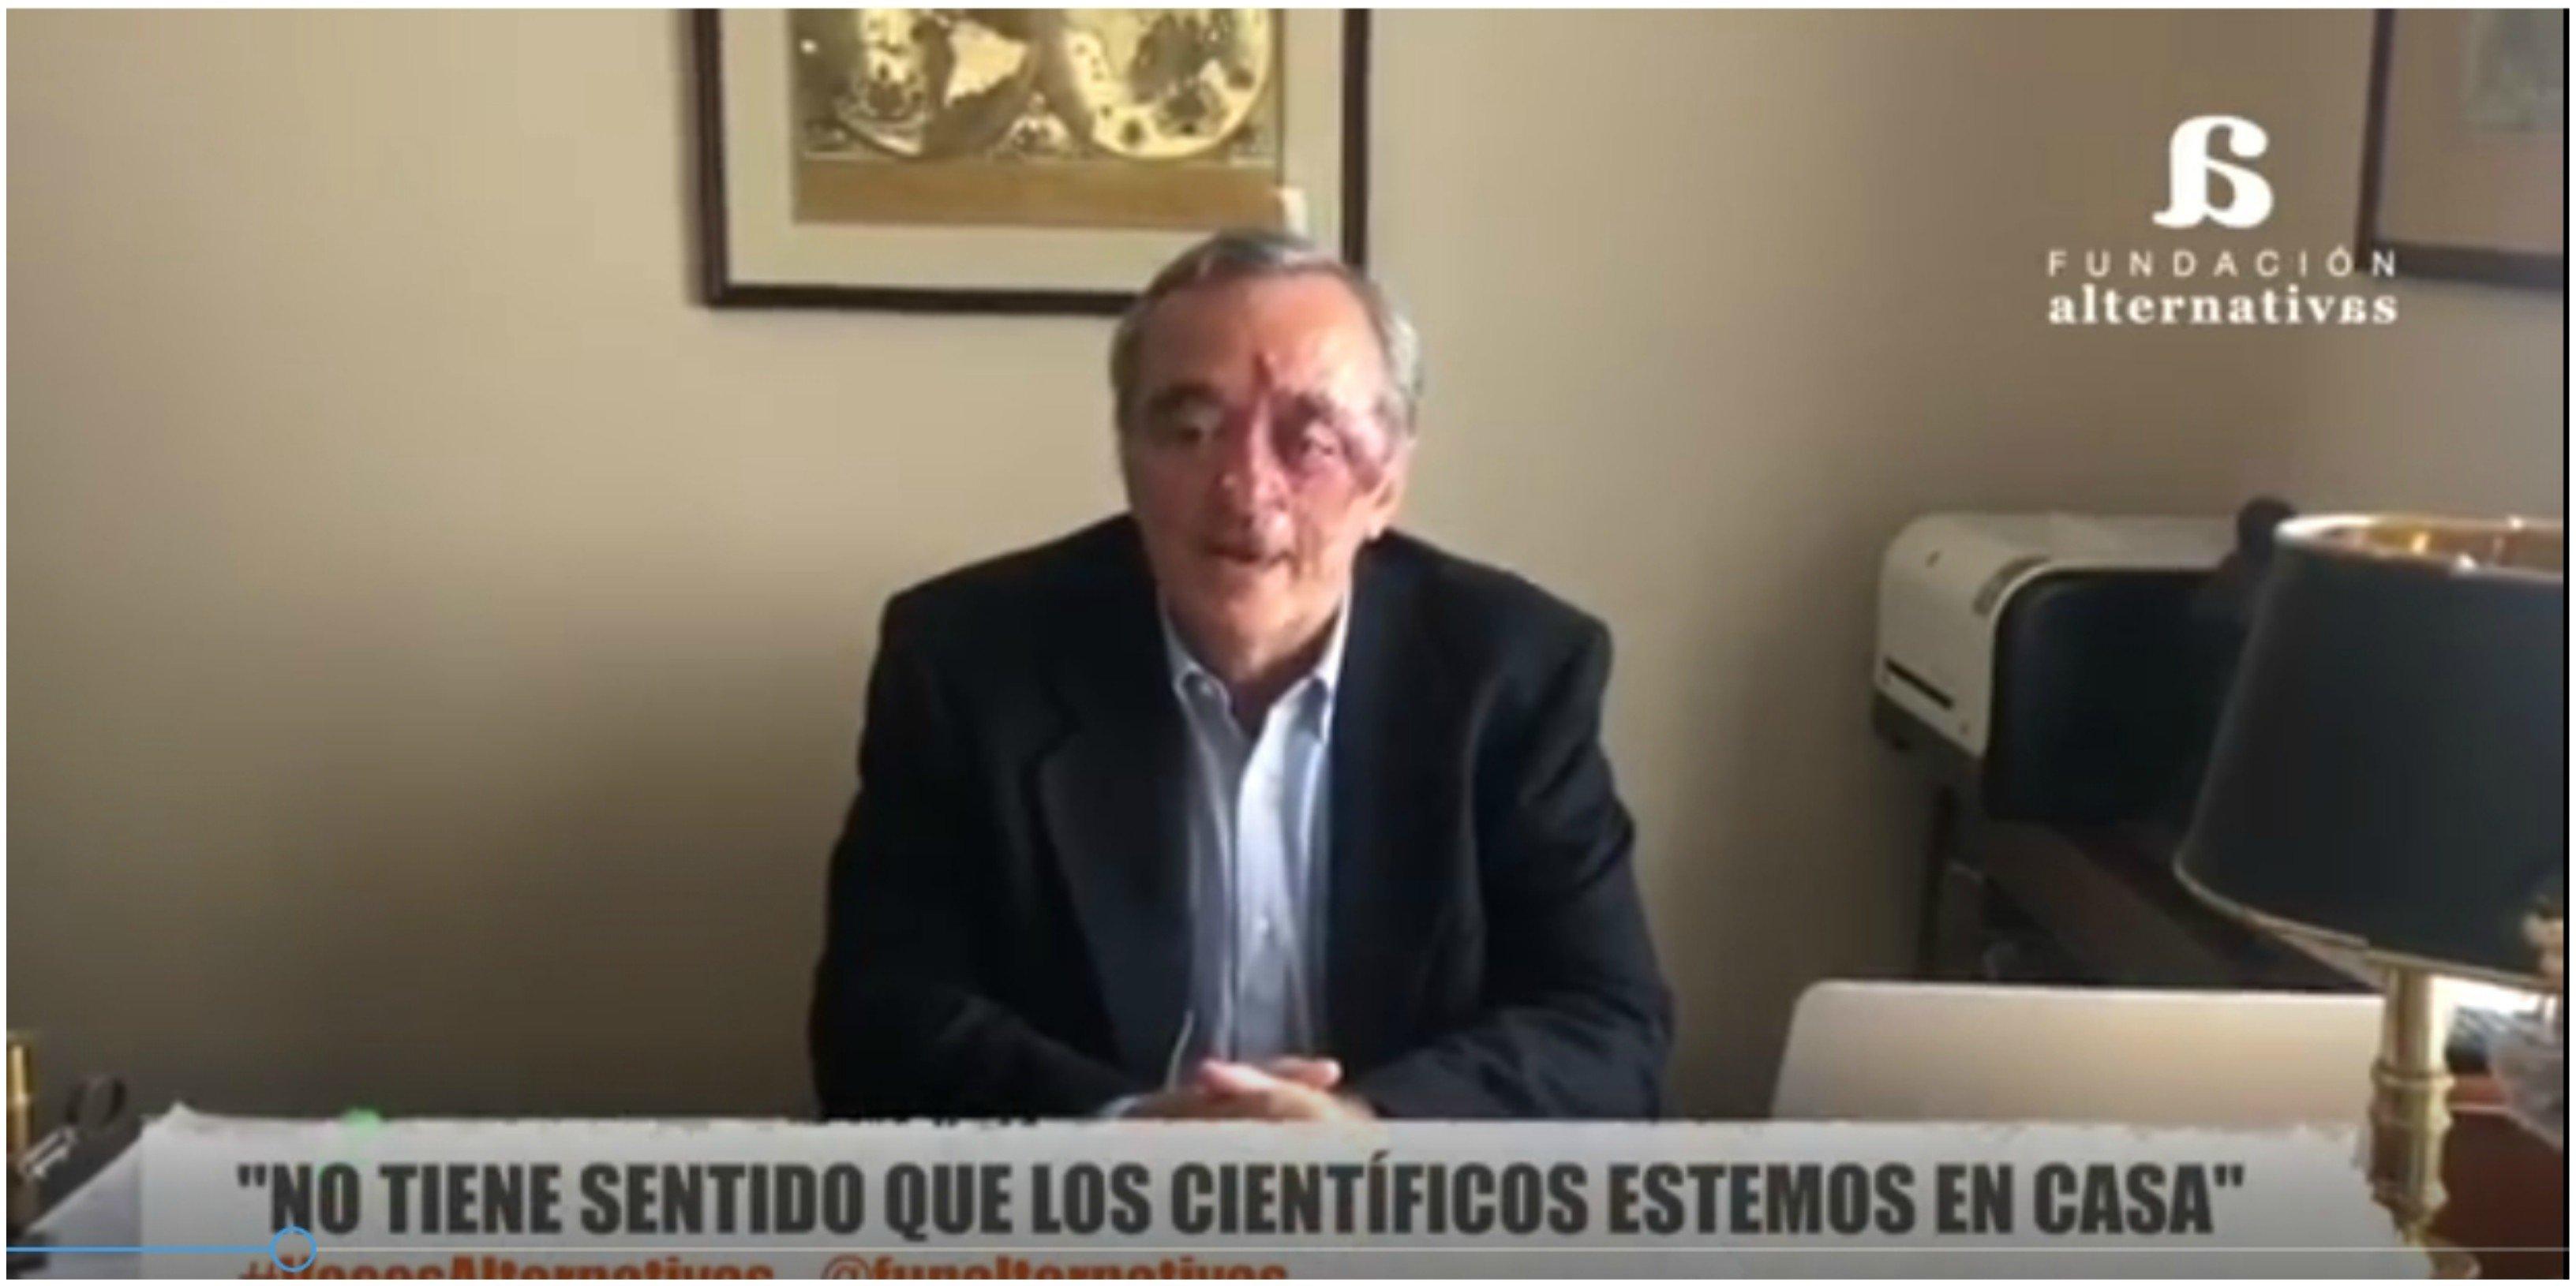 El científico Mariano Barbacid denuncia que el gobierno Sánchez no permite trabajar a los investigadores